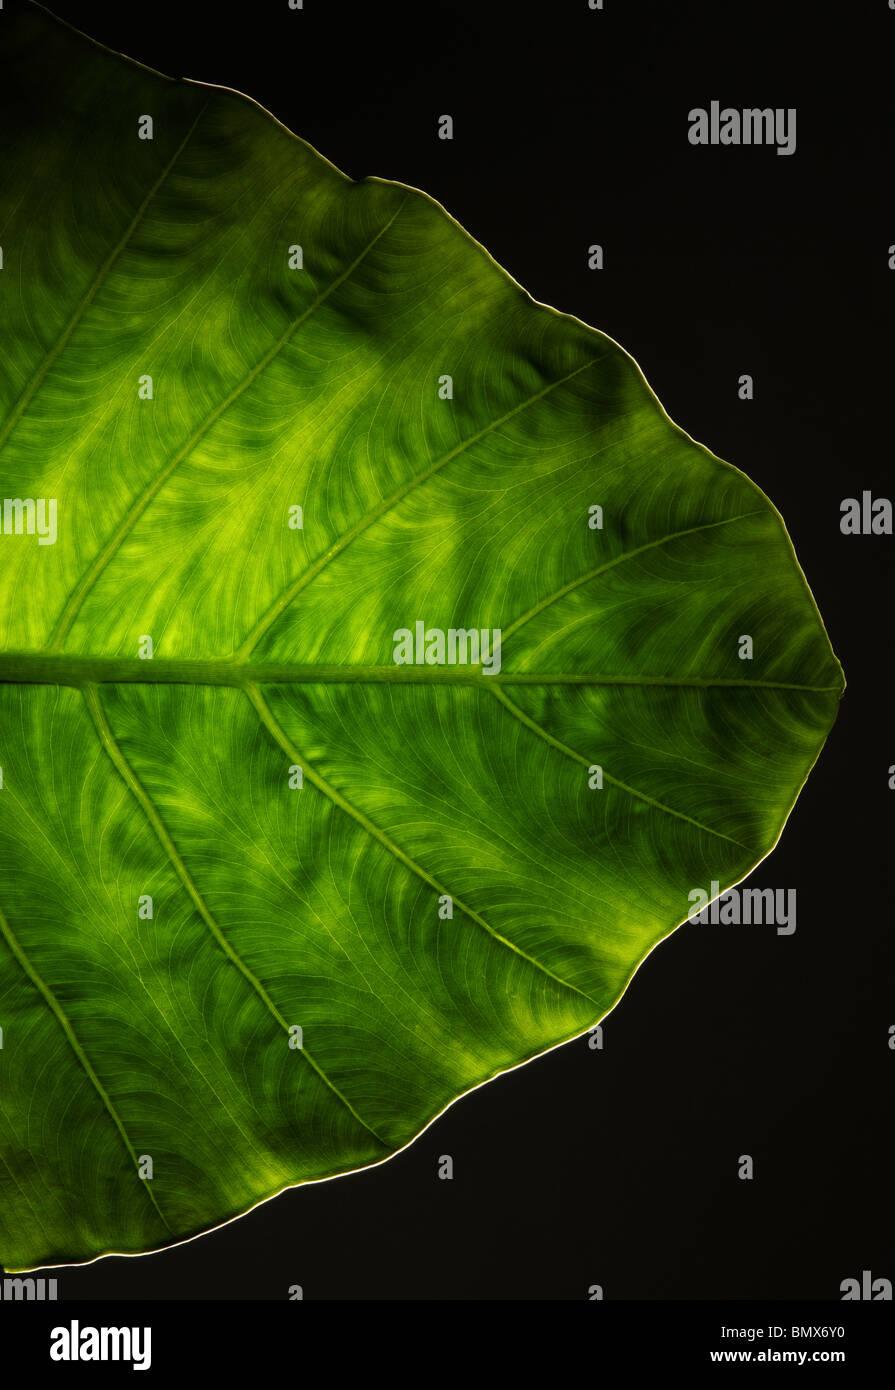 La fine di una pianta verde foglia, sfondo nero Immagini Stock